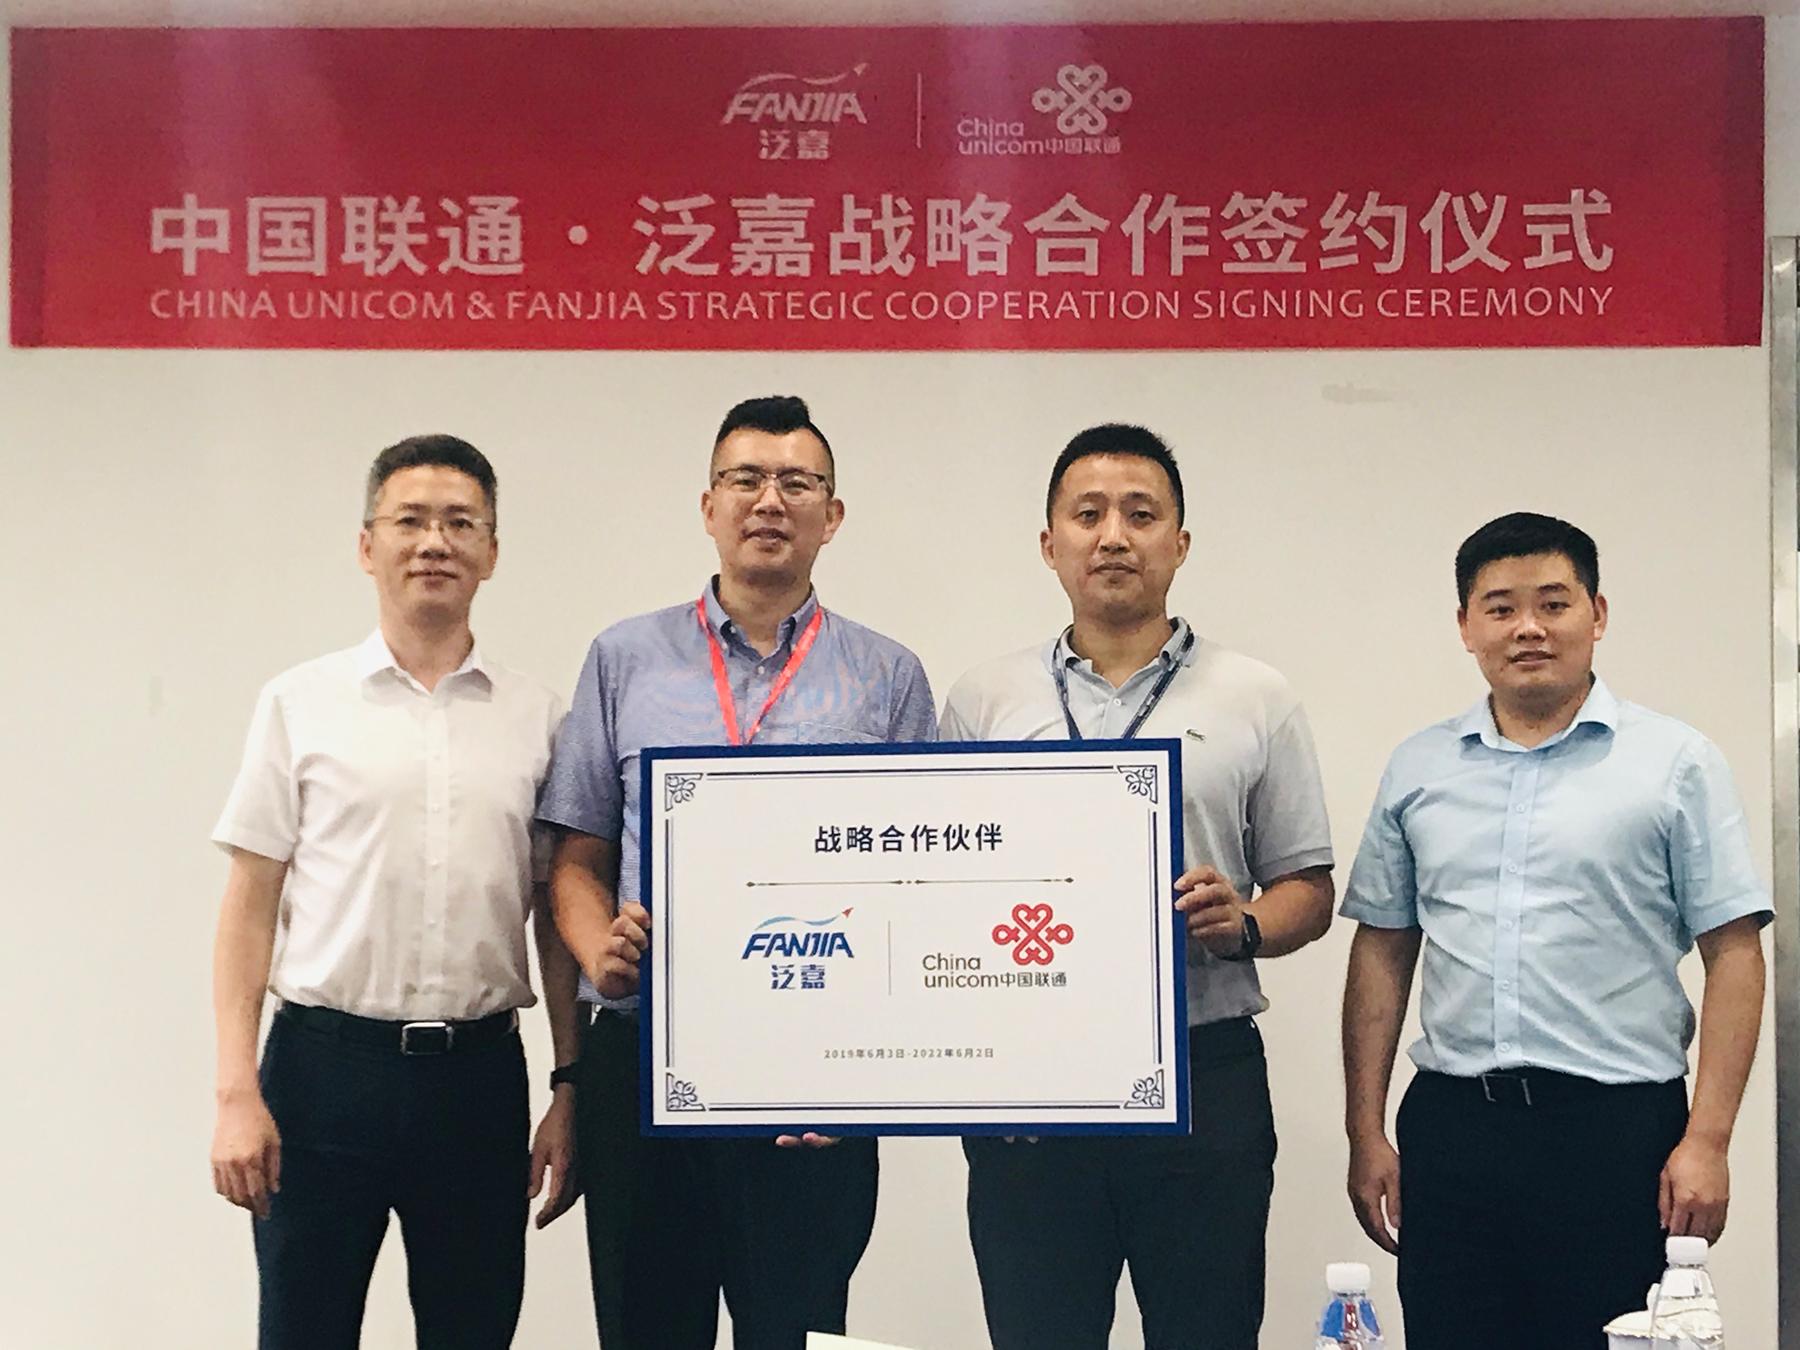 中国联通与泛嘉达成战略合作 助力企业降本增效